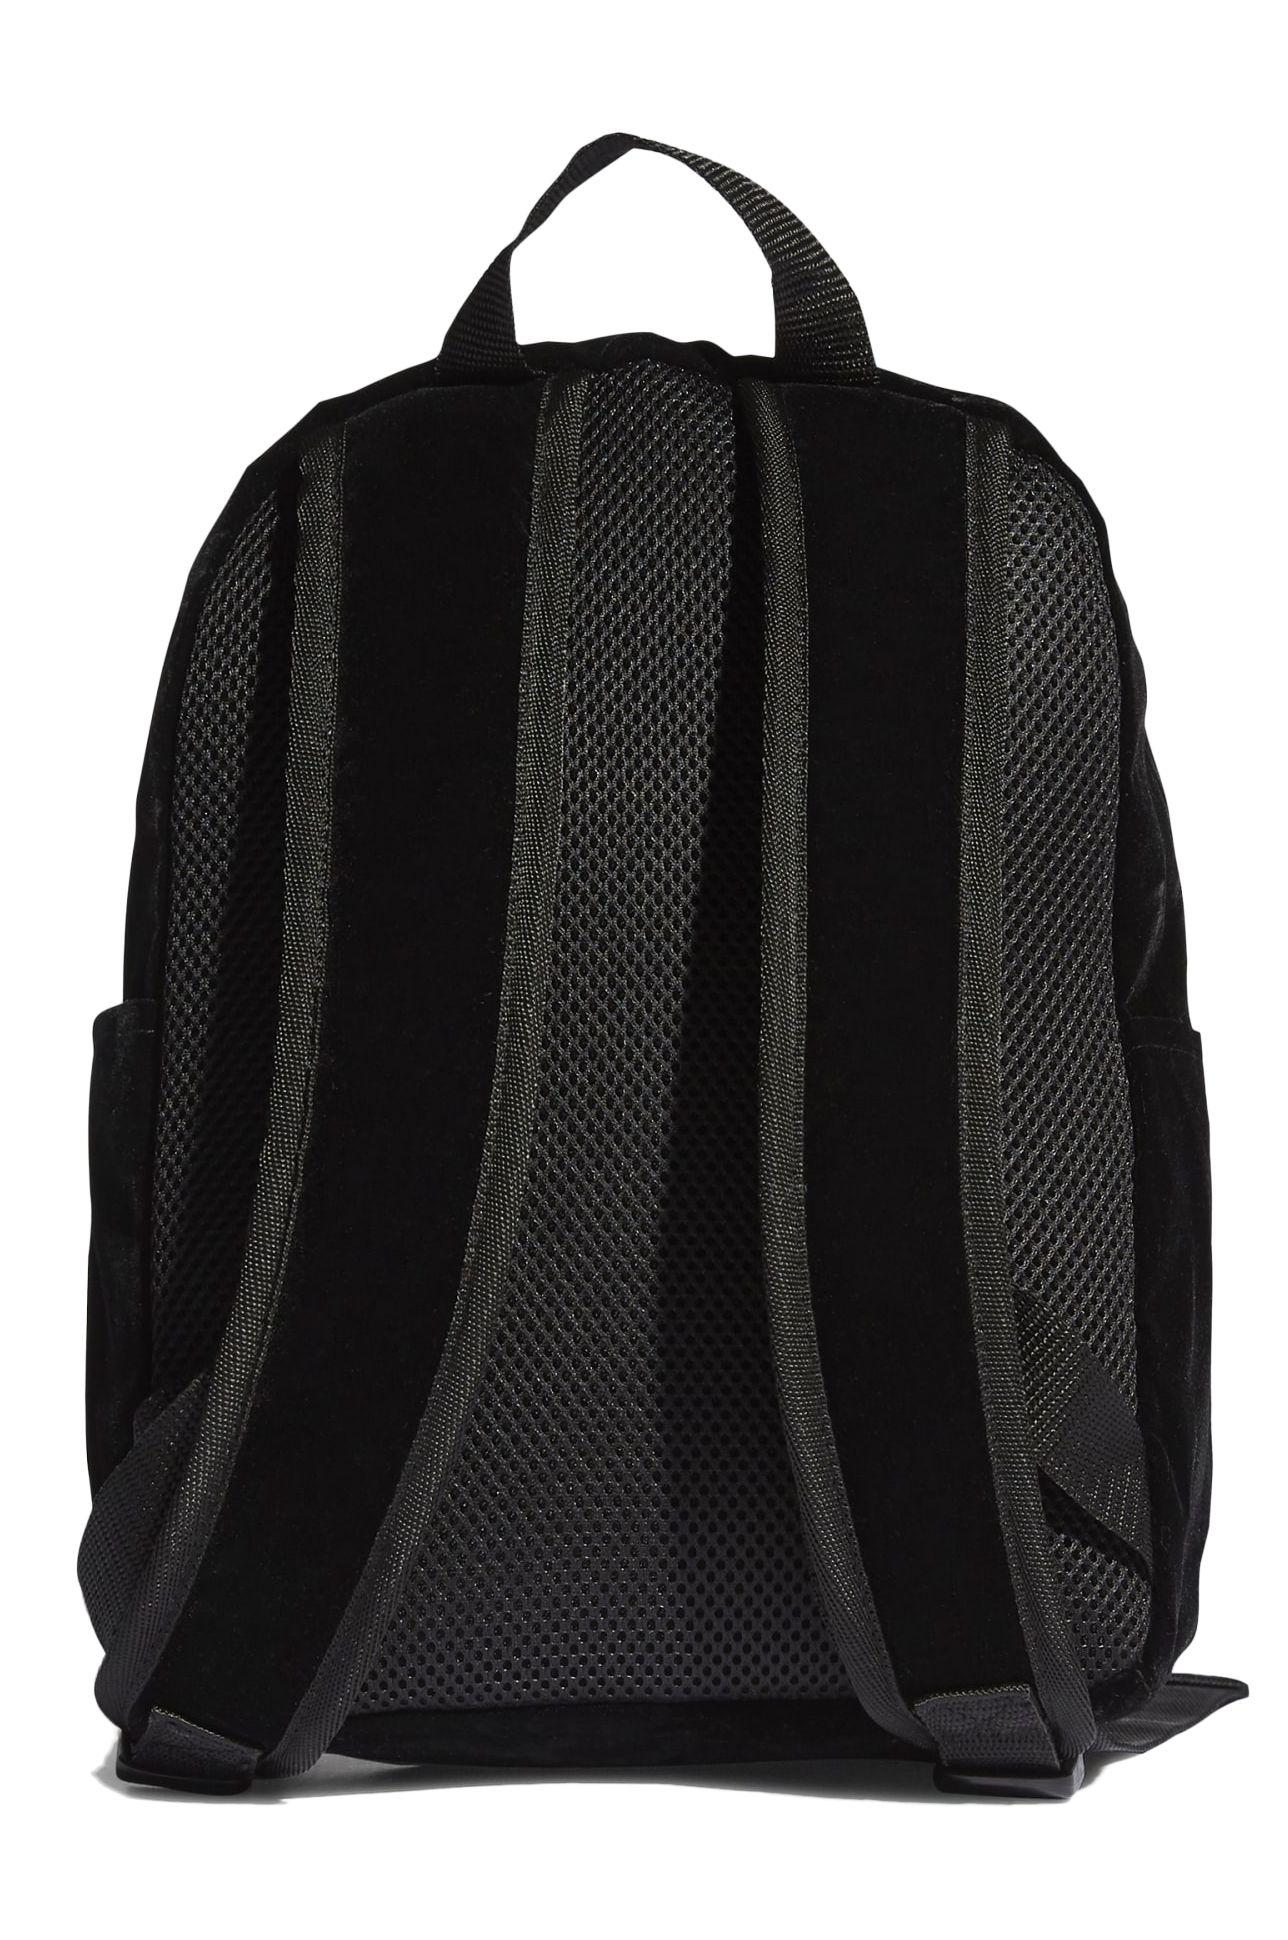 Mochila Adidas SMALL BP VELVET Black